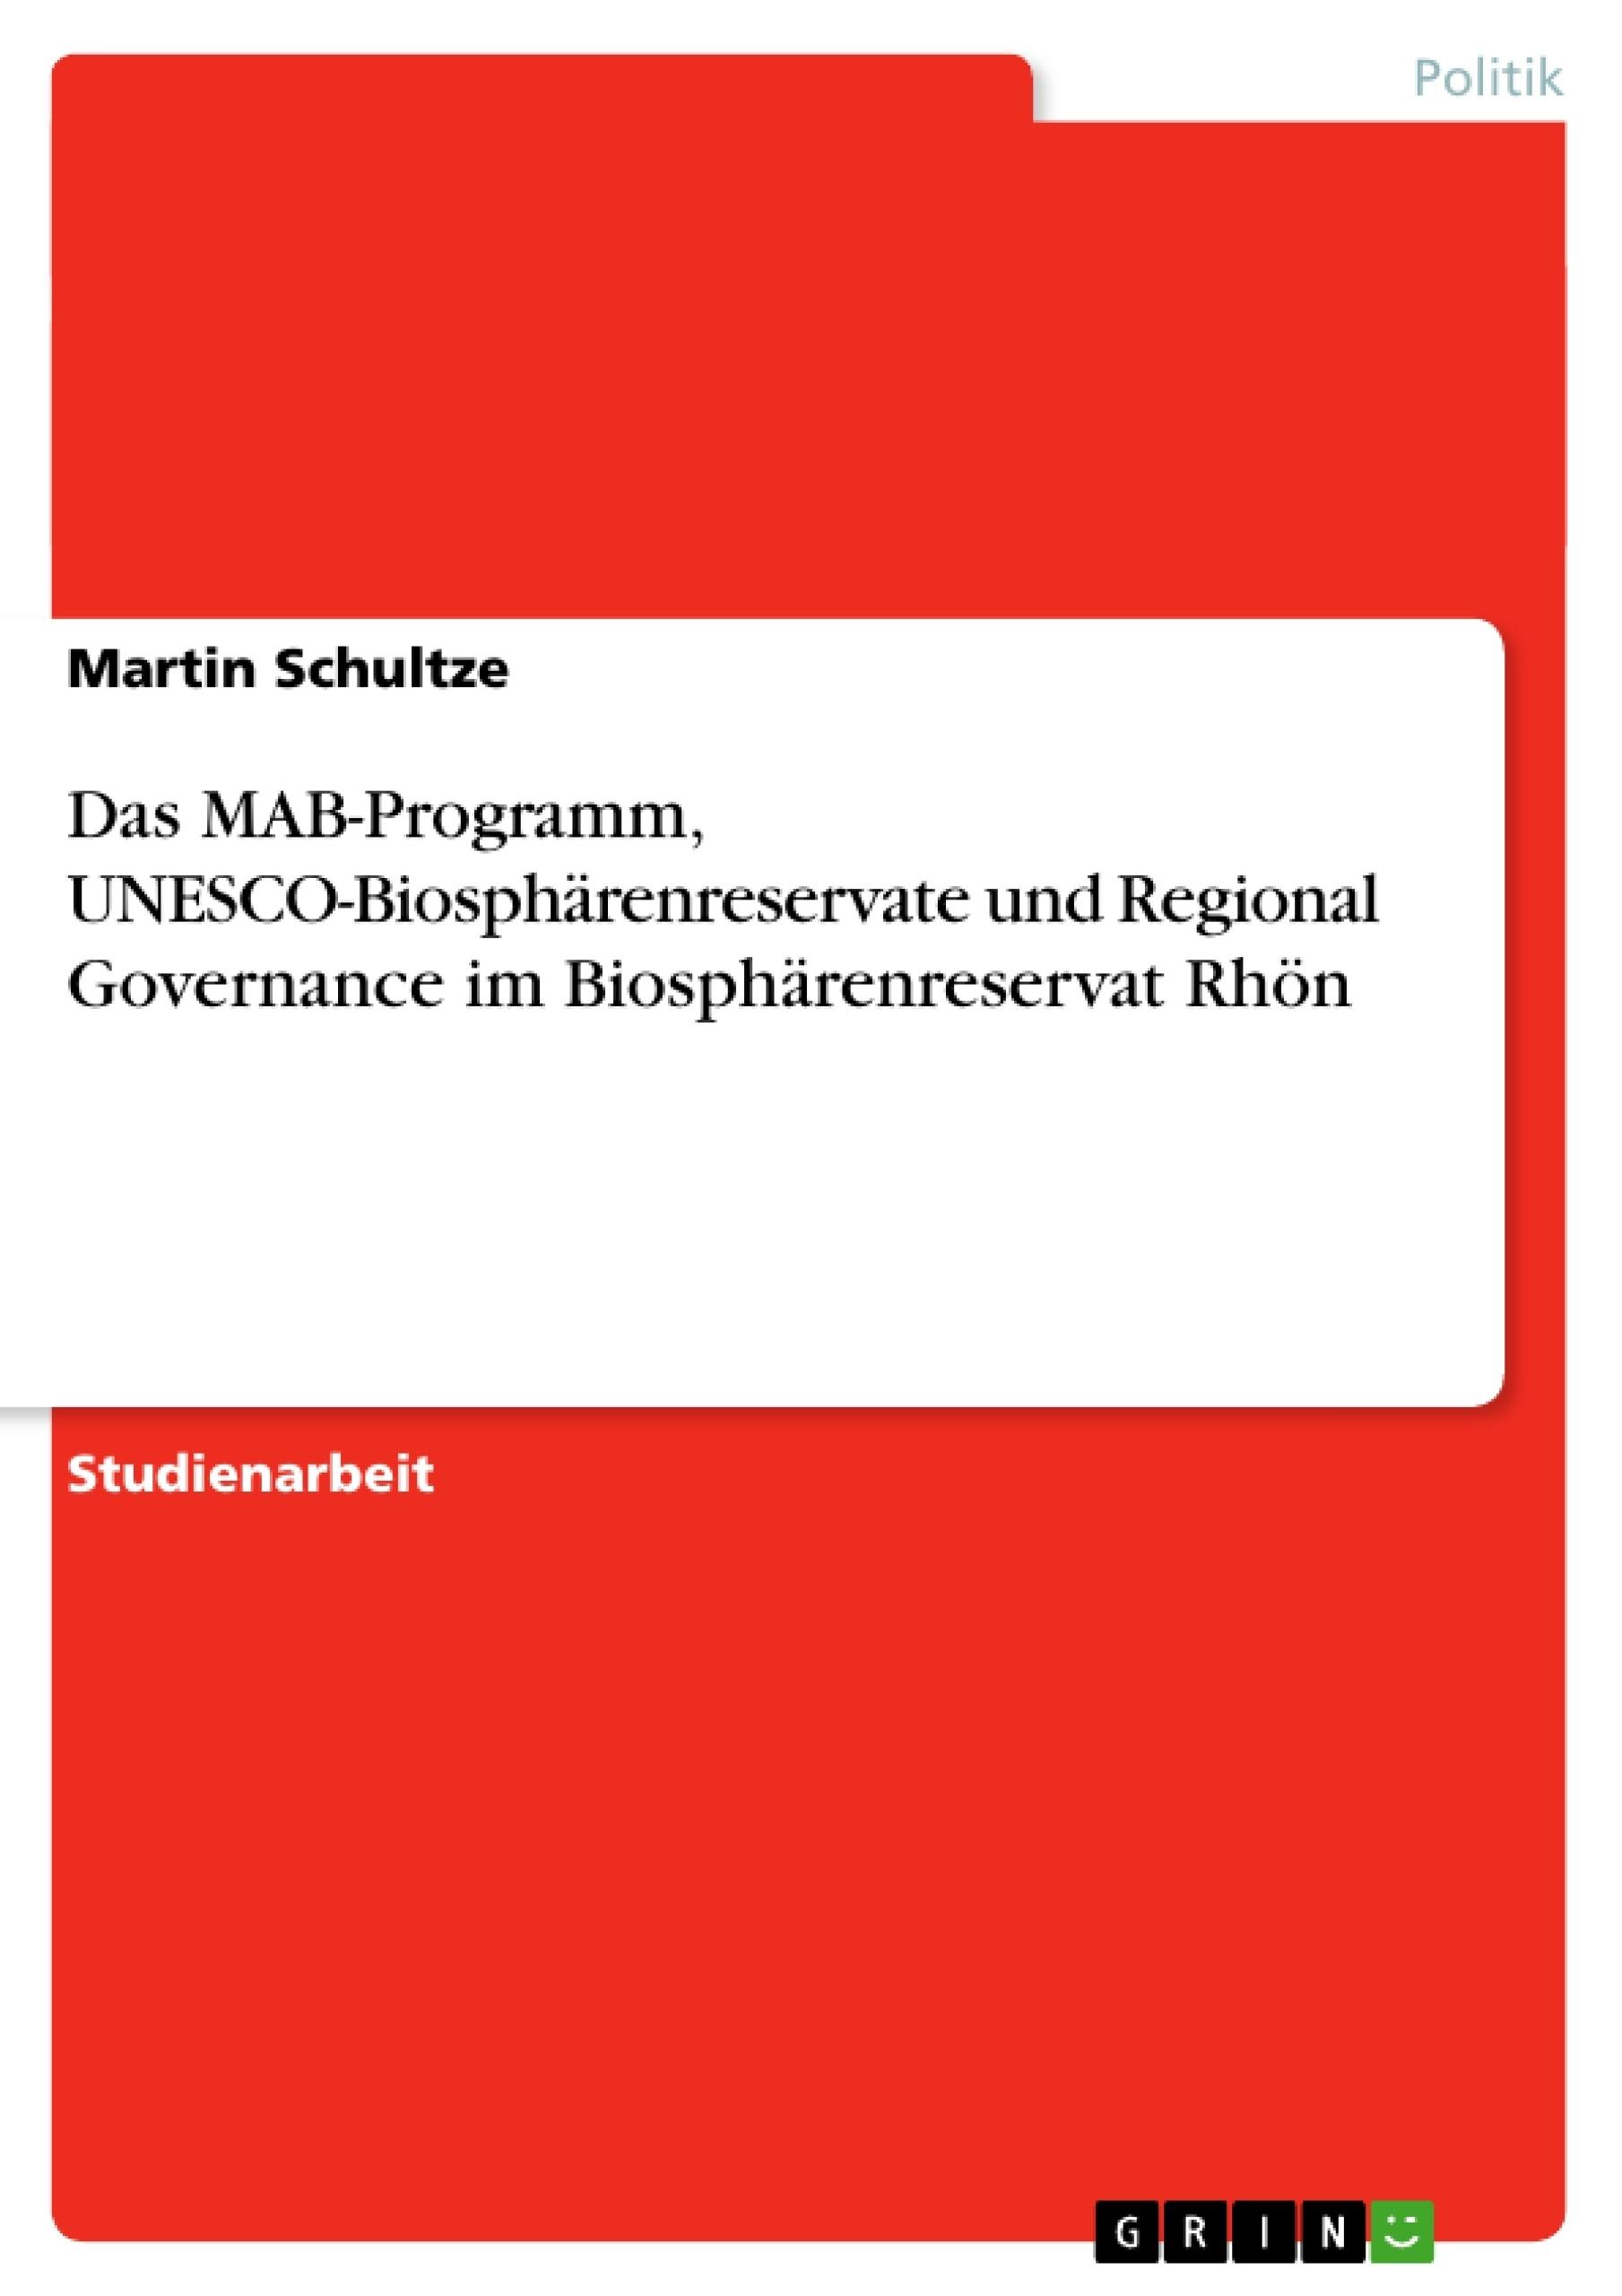 Titel: Das MAB-Programm, UNESCO-Biosphärenreservate und Regional Governance im Biosphärenreservat Rhön